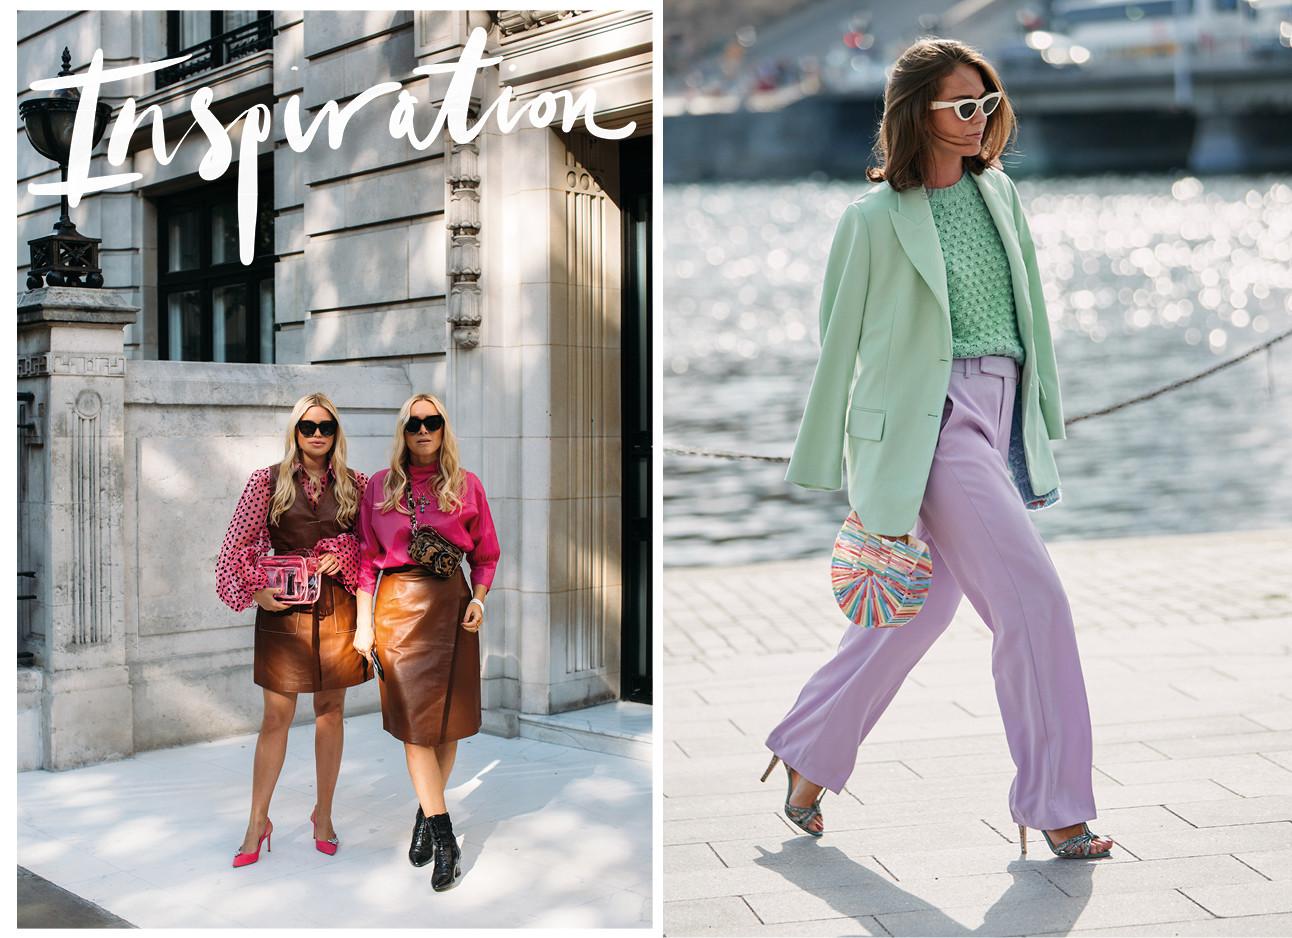 meiden die verschillende ovpvallende kleuren combinaties dragnen in hun kleding